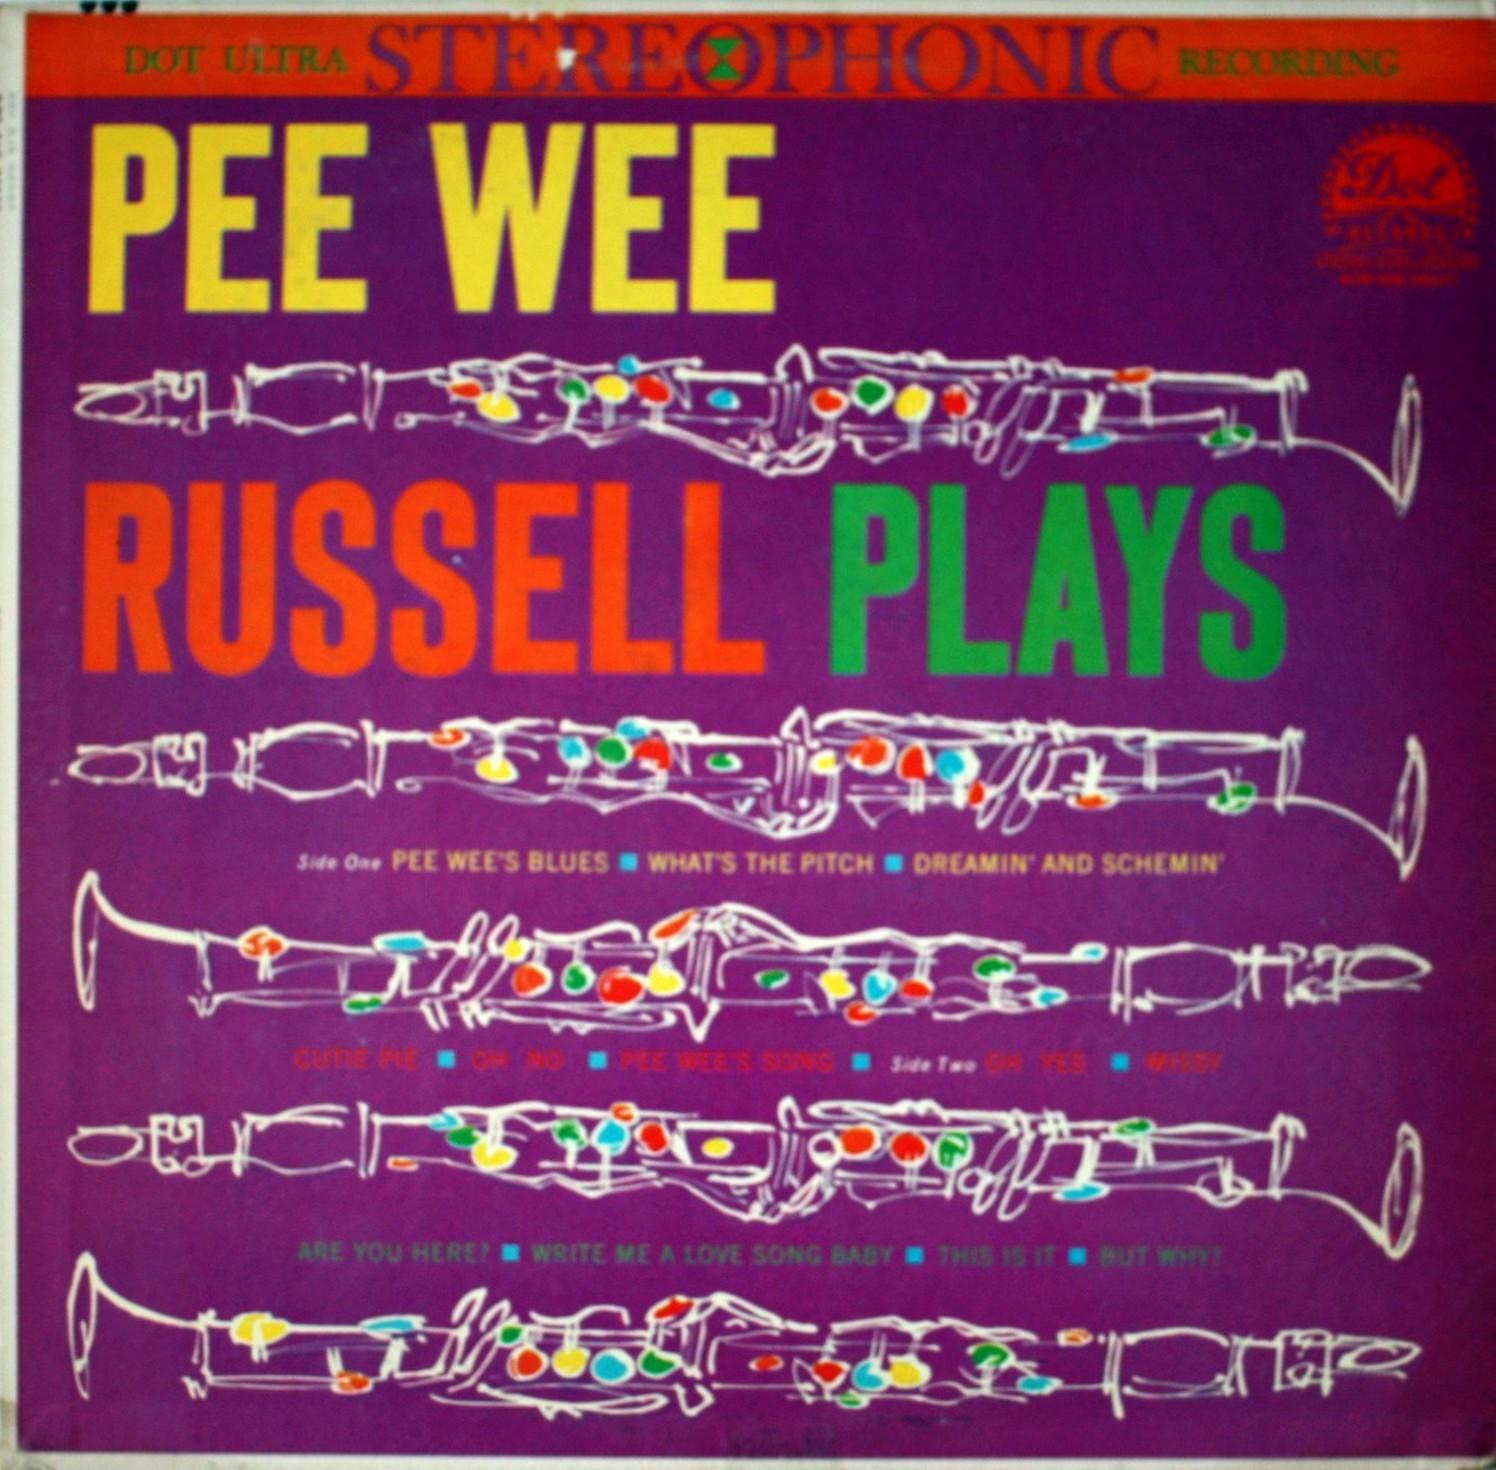 Pee%2BWee%2BRussell%2BPlays%2BDot.jpg